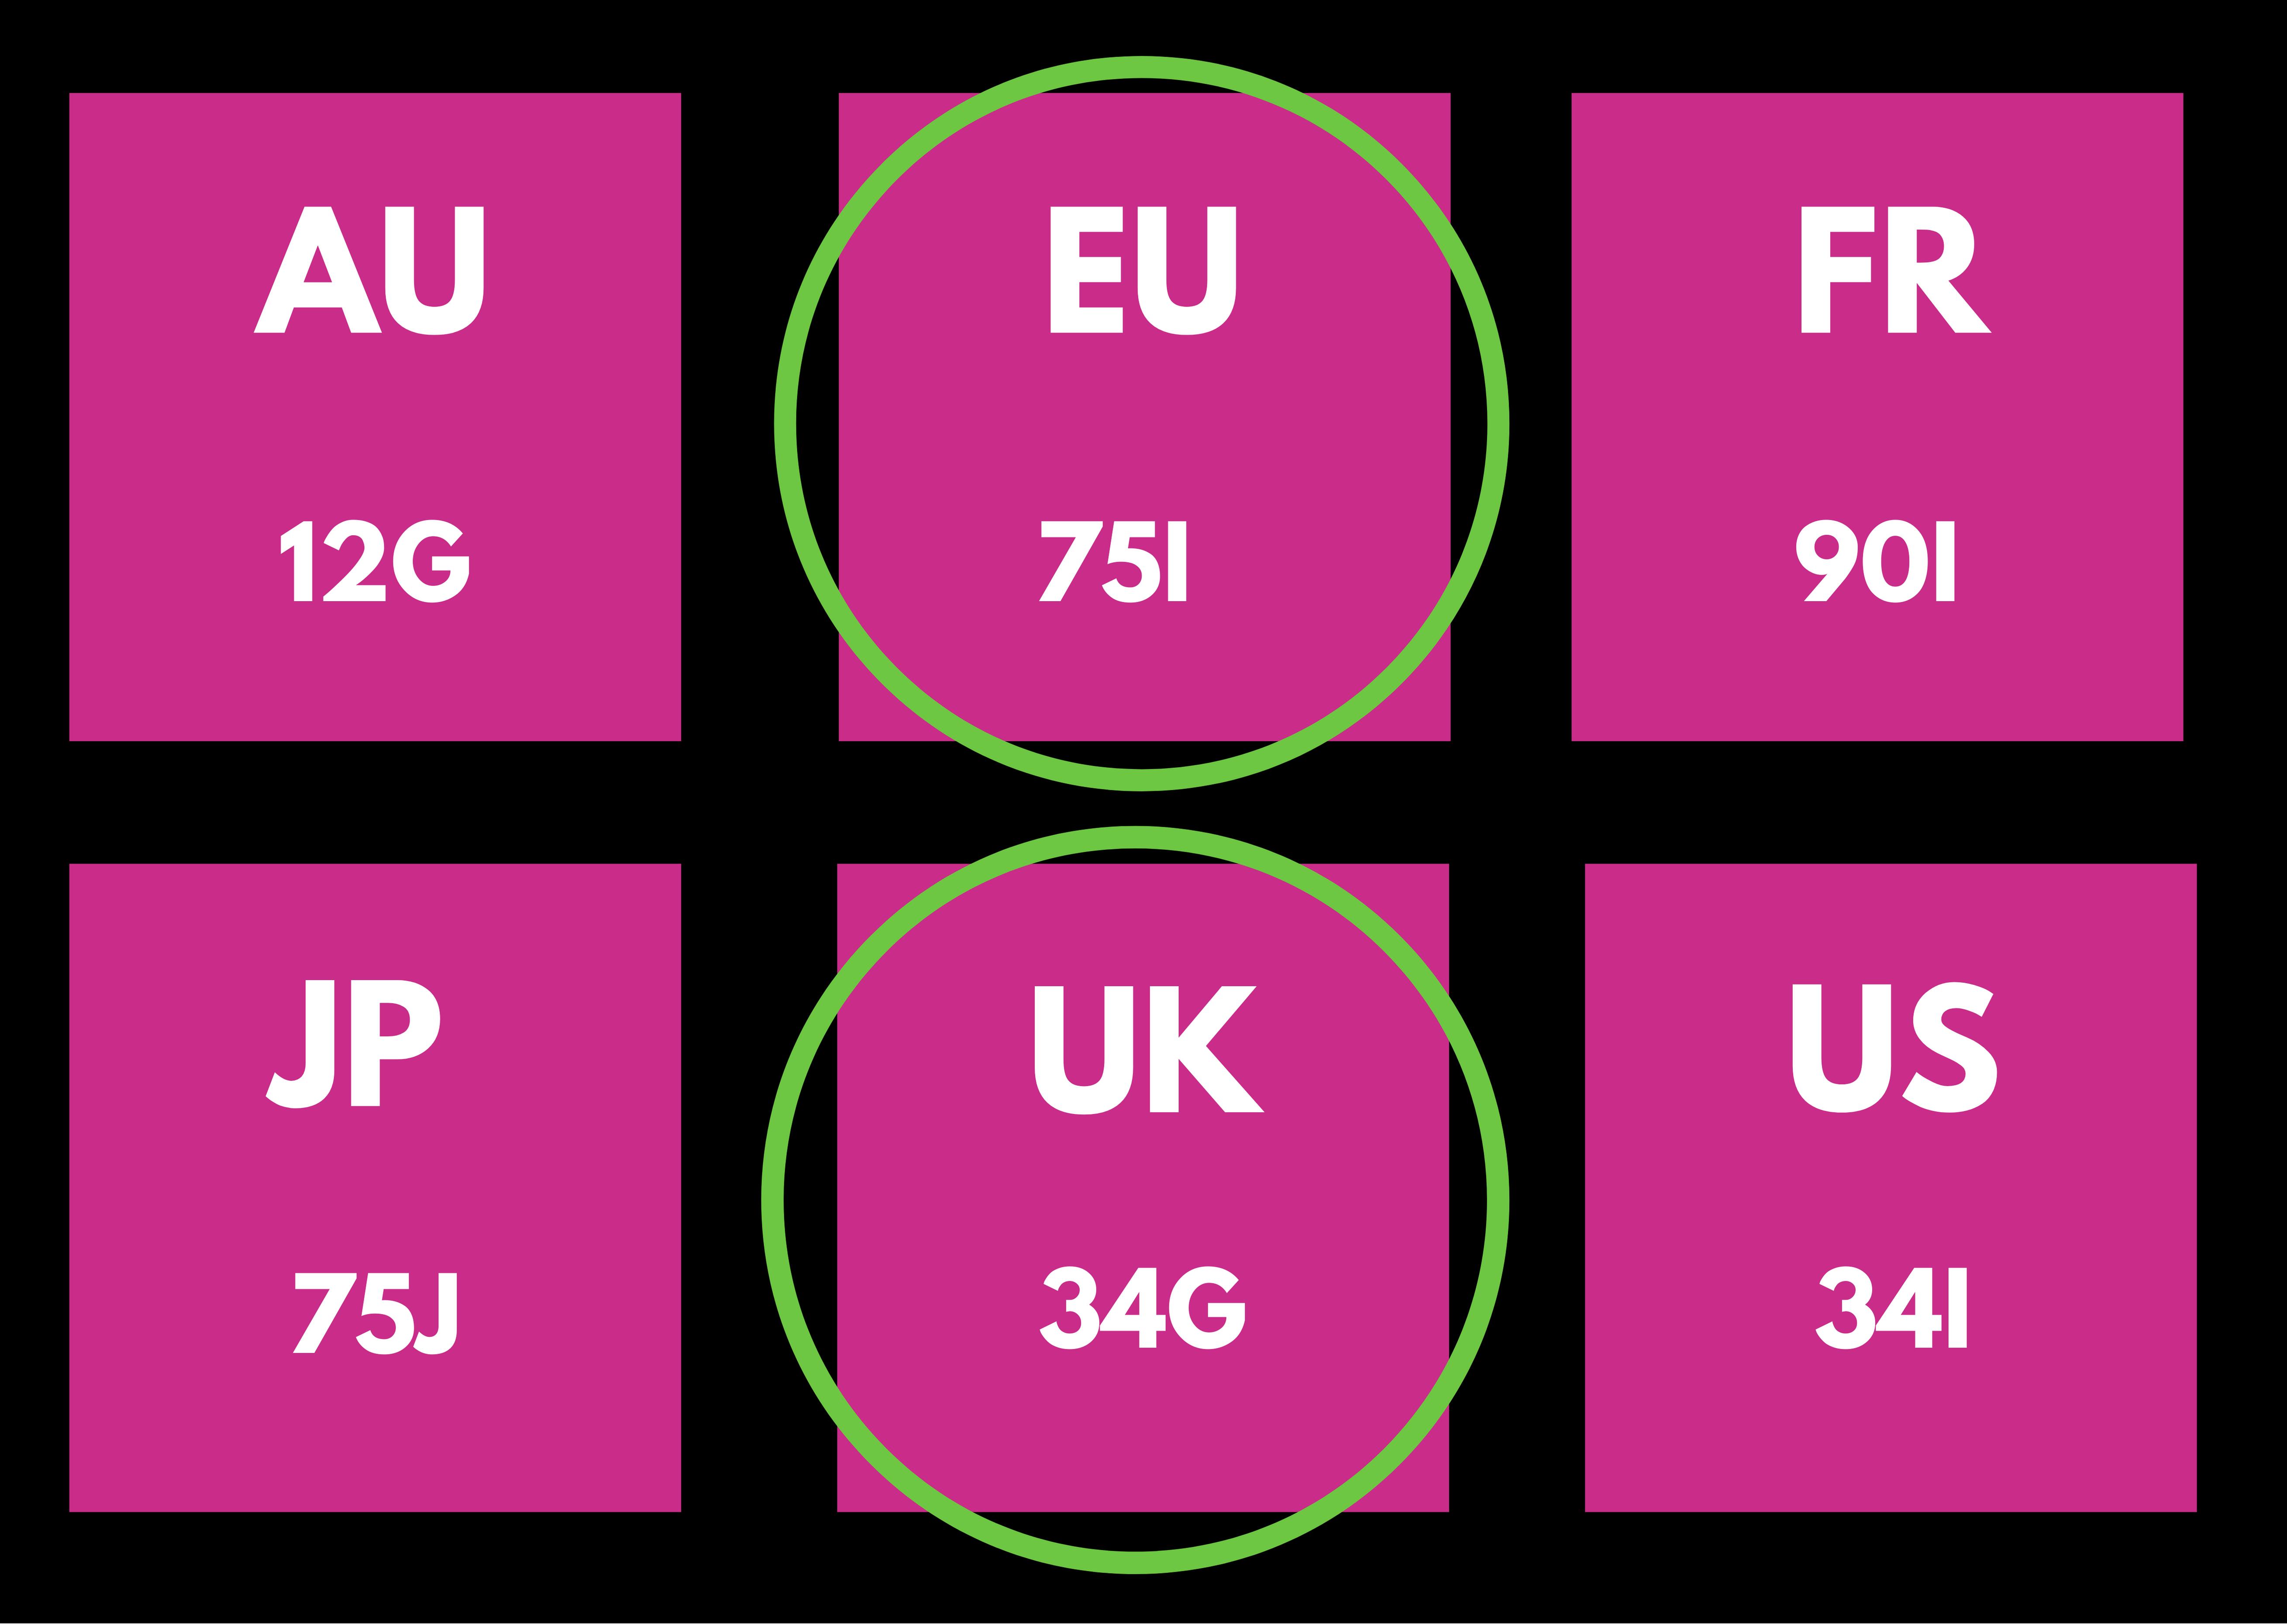 Tabel met overzicht van UK en EU maten